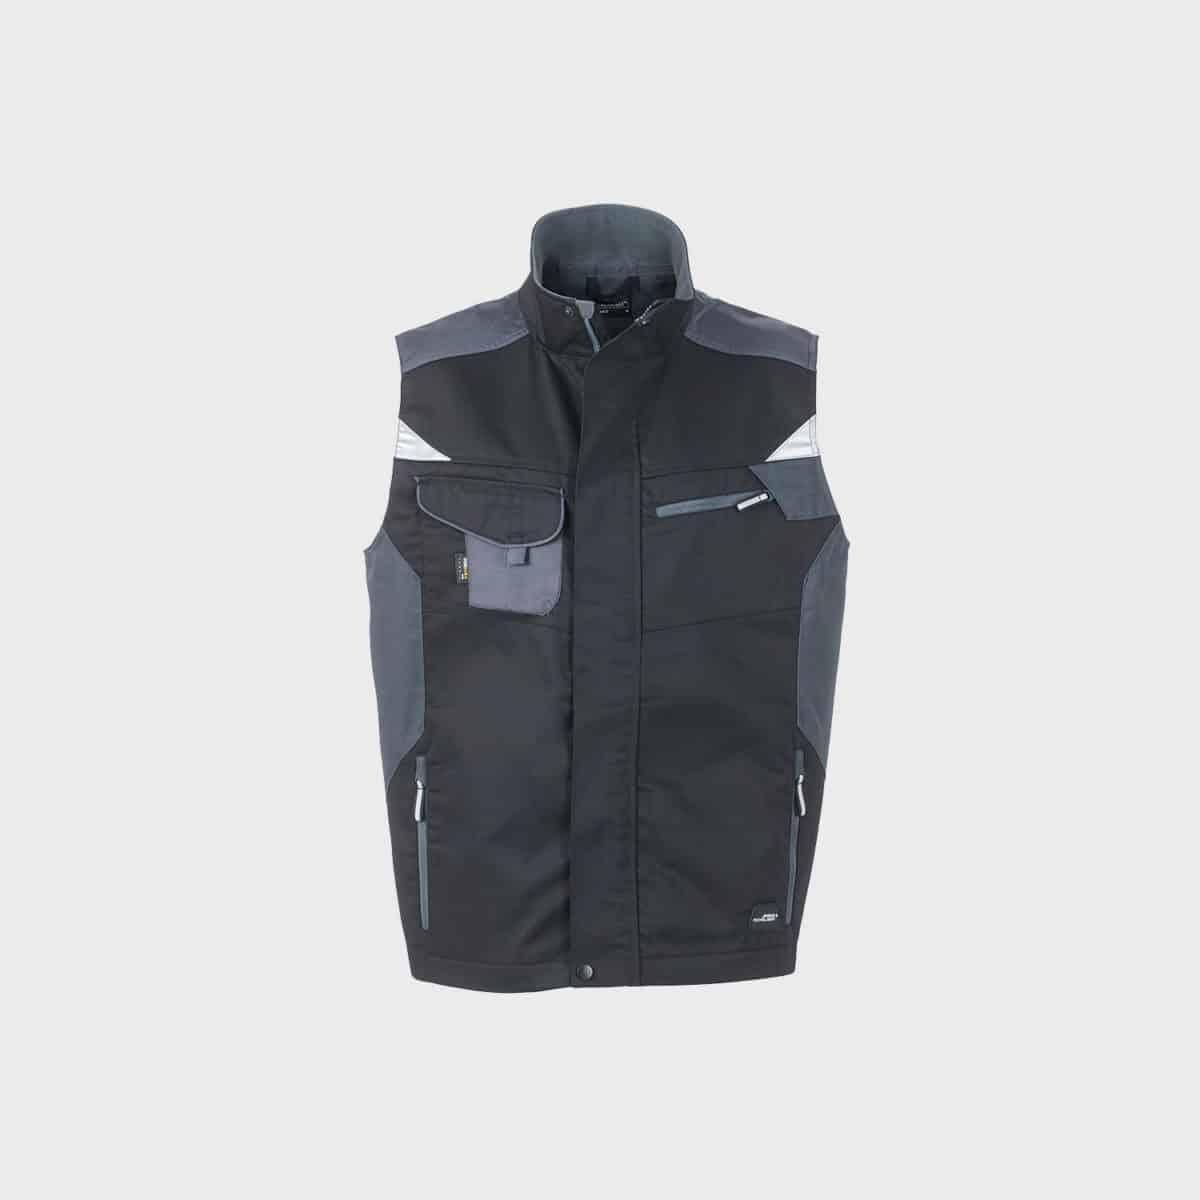 professionelle-arbeitsweste-workwear-black-carbon-kaufen-besticken_stickmanufaktur